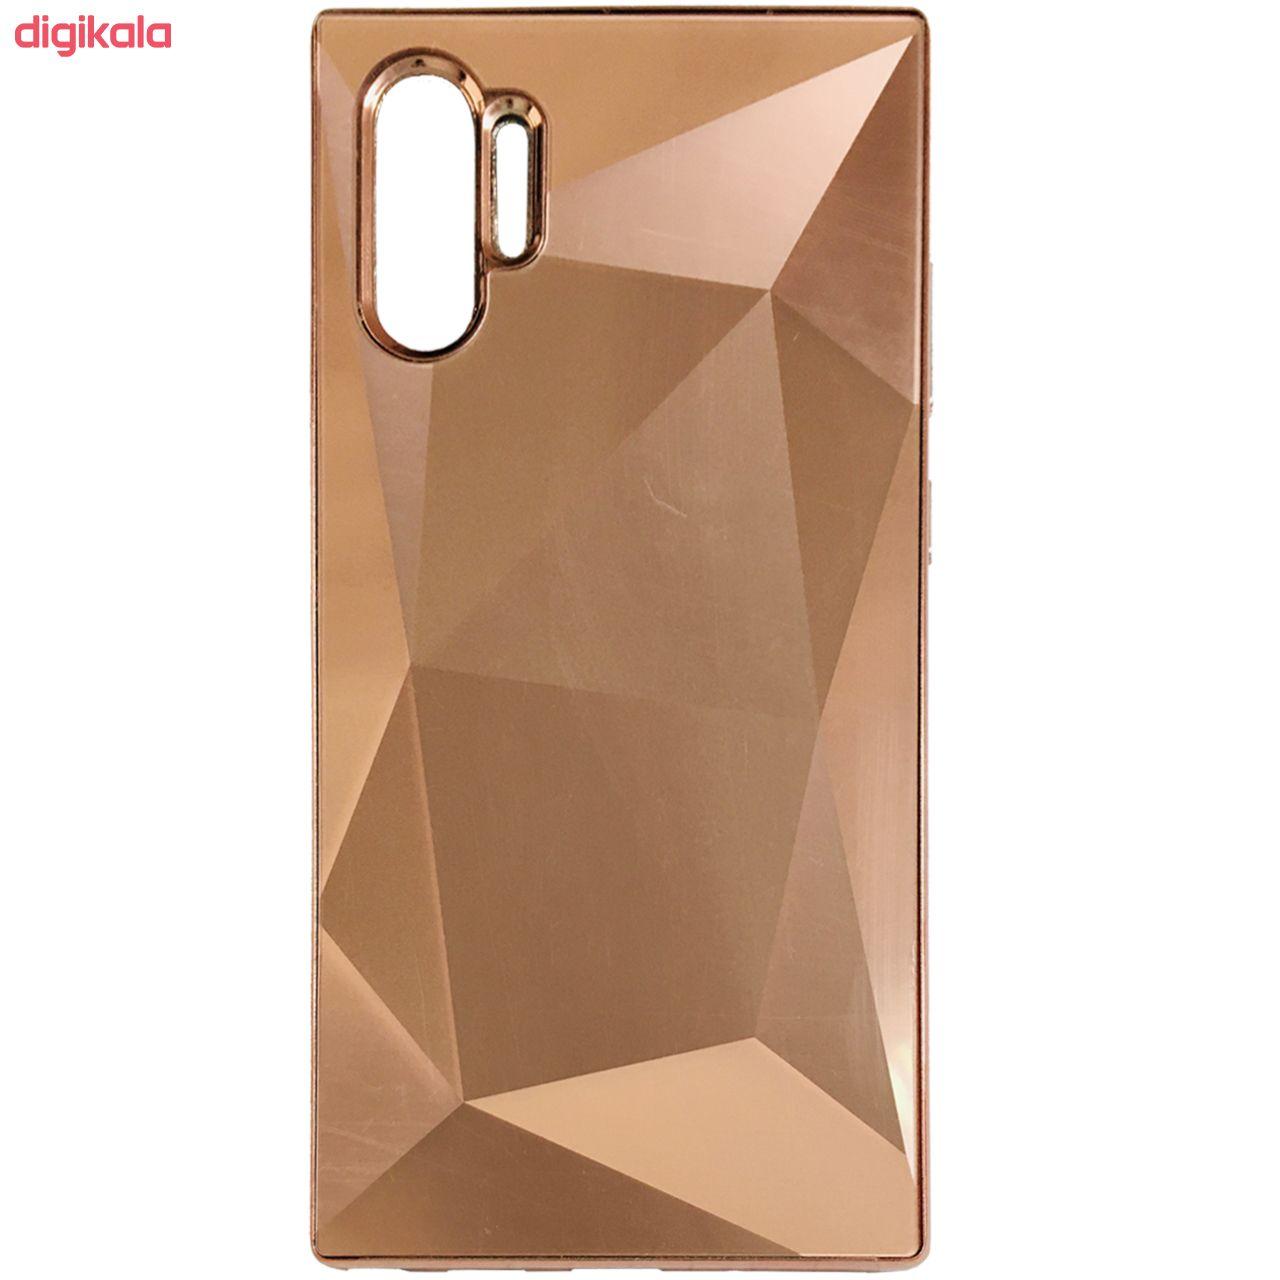 کاور طرح الماس کد 0015 مناسب برای گوشی موبایل سامسونگ Galaxy Note 10 Plus main 1 3